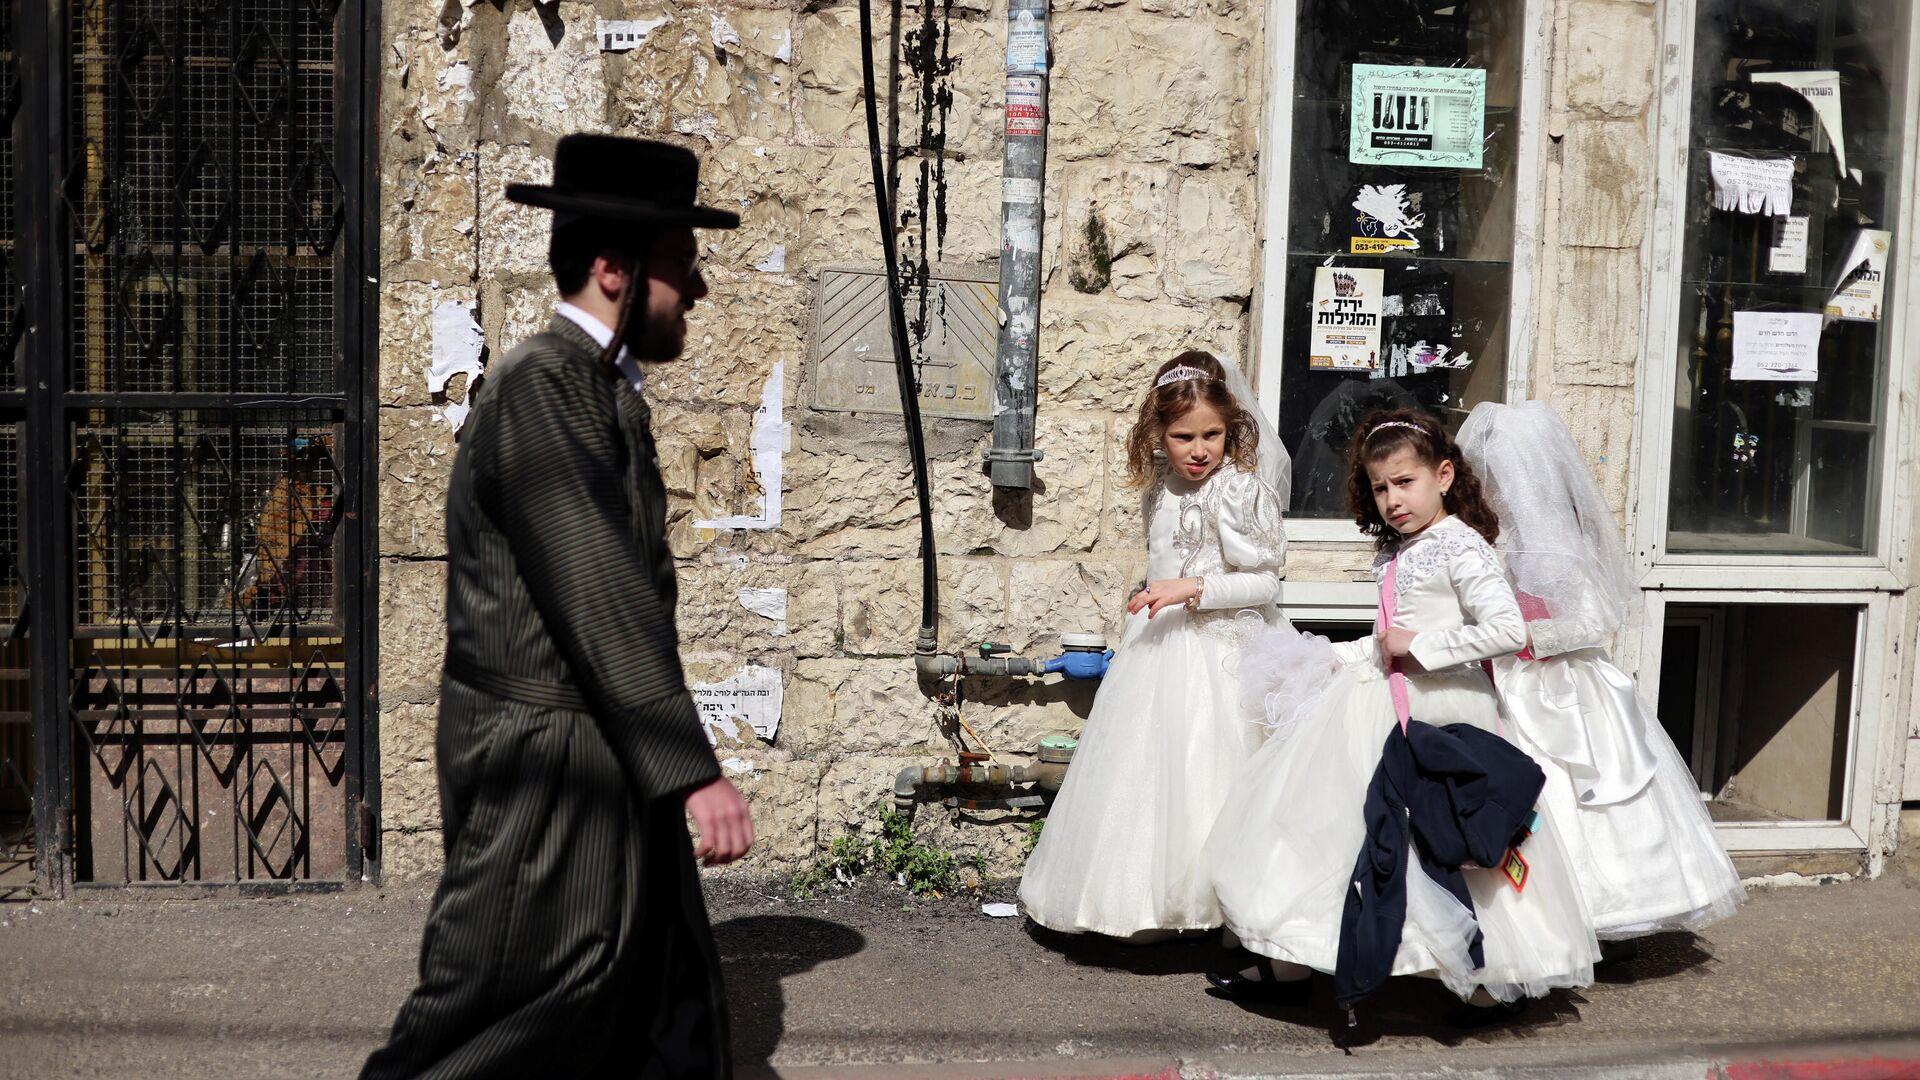 Judíos se preparan para el carnaval judío Purim, Jerusalén, el 24 de febrero de 2021 - Sputnik Mundo, 1920, 24.02.2021